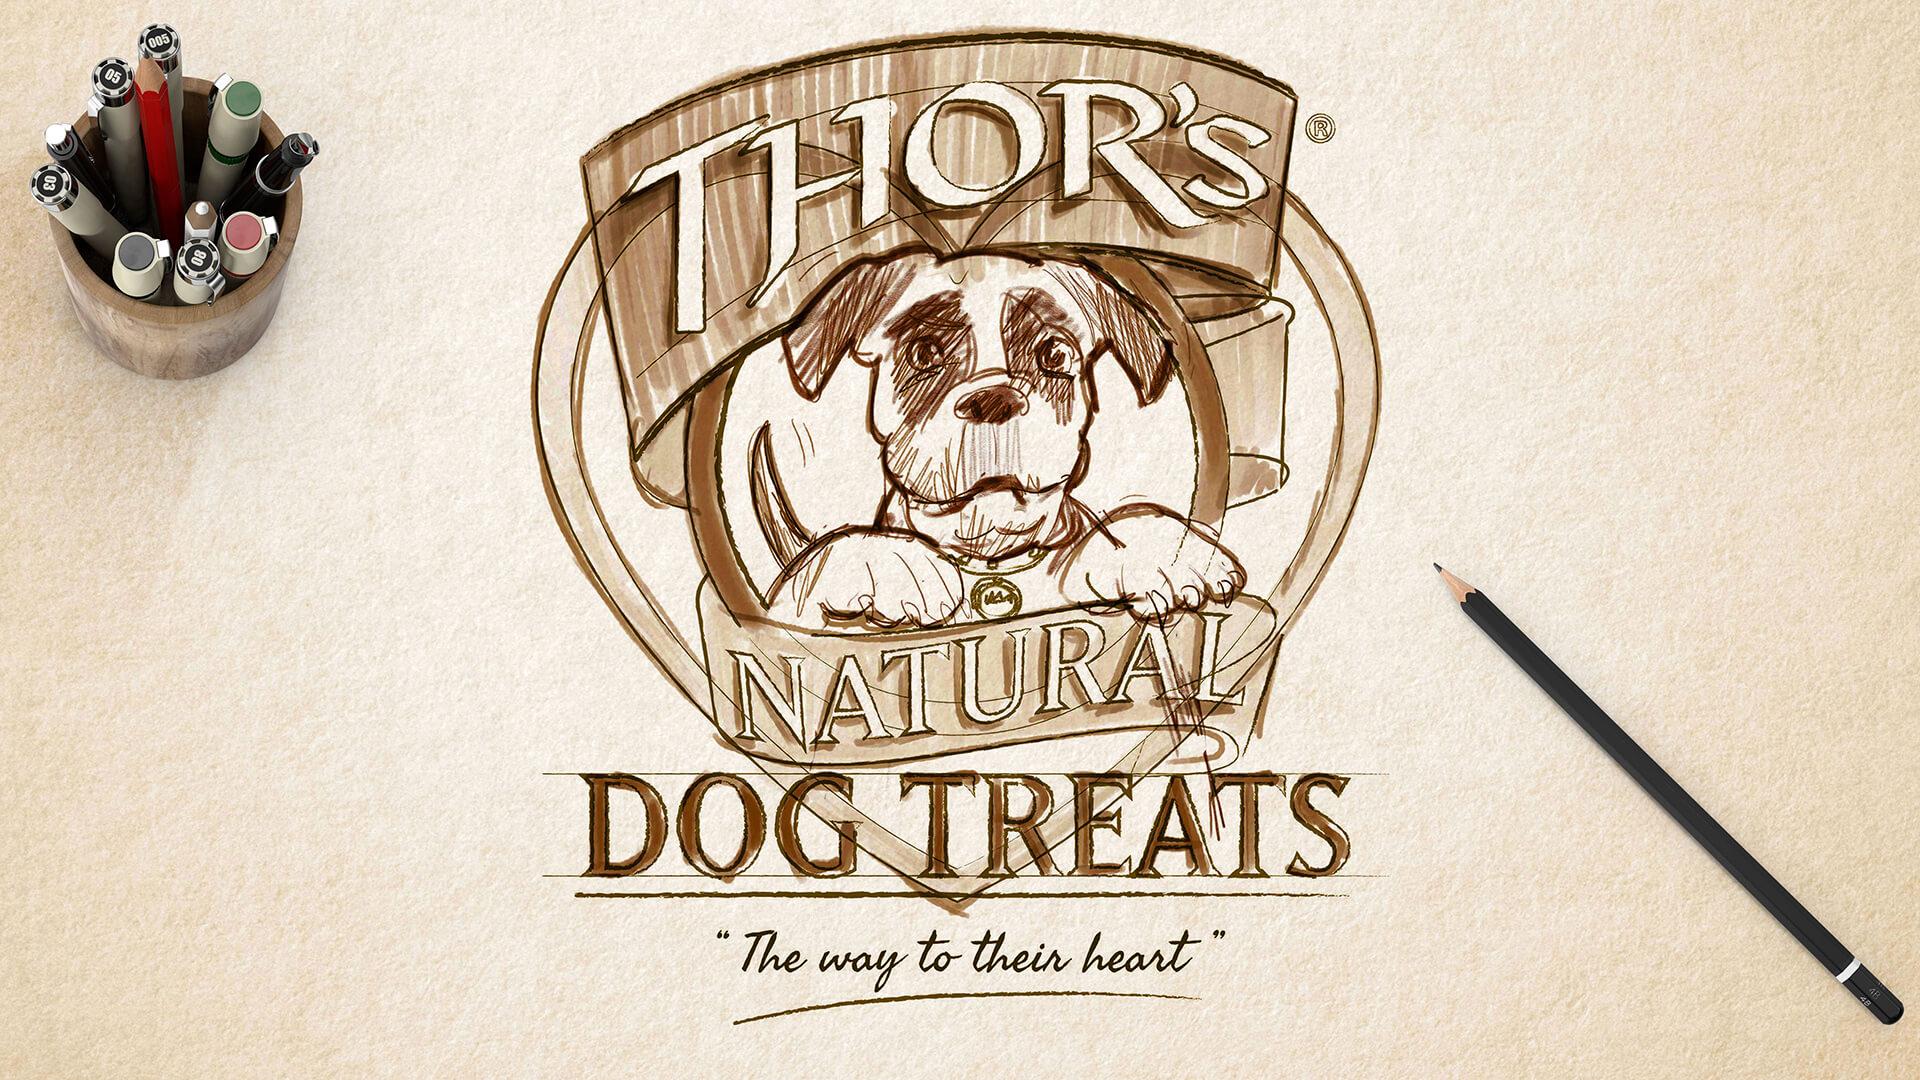 thor's natural dog treats 5